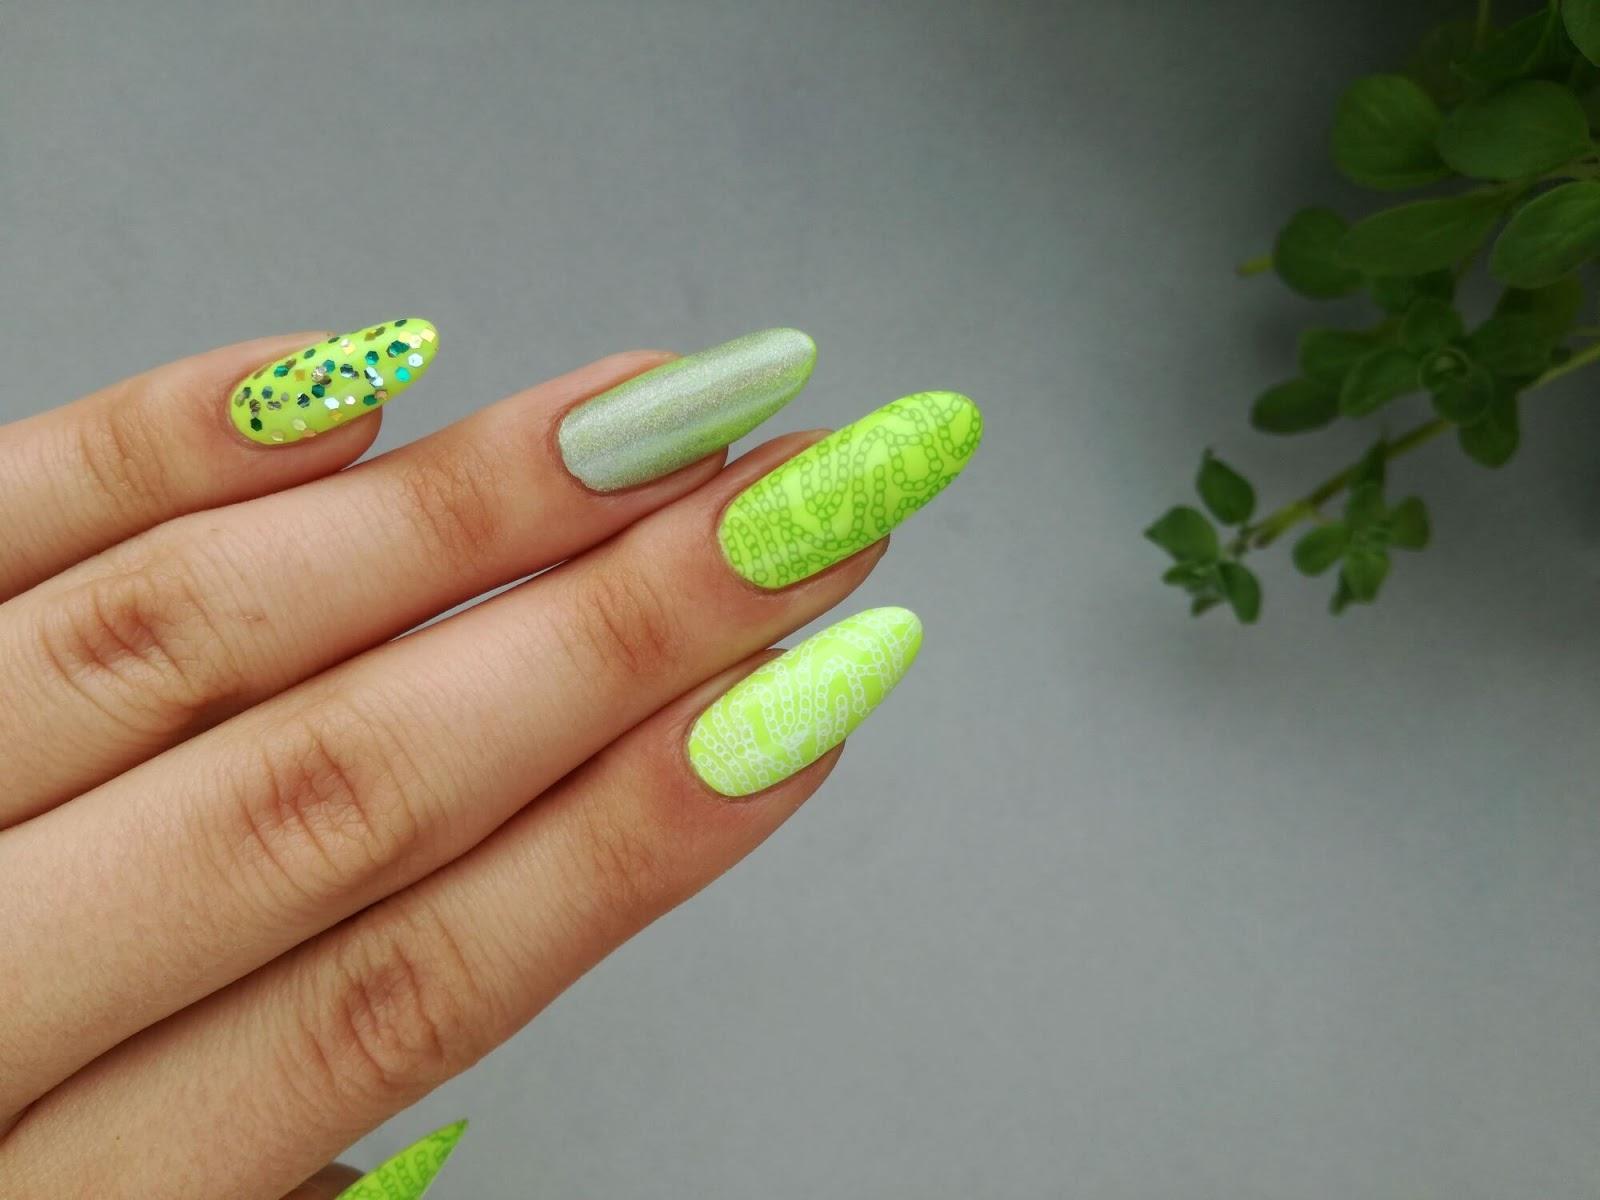 odblaskowe paznokcie